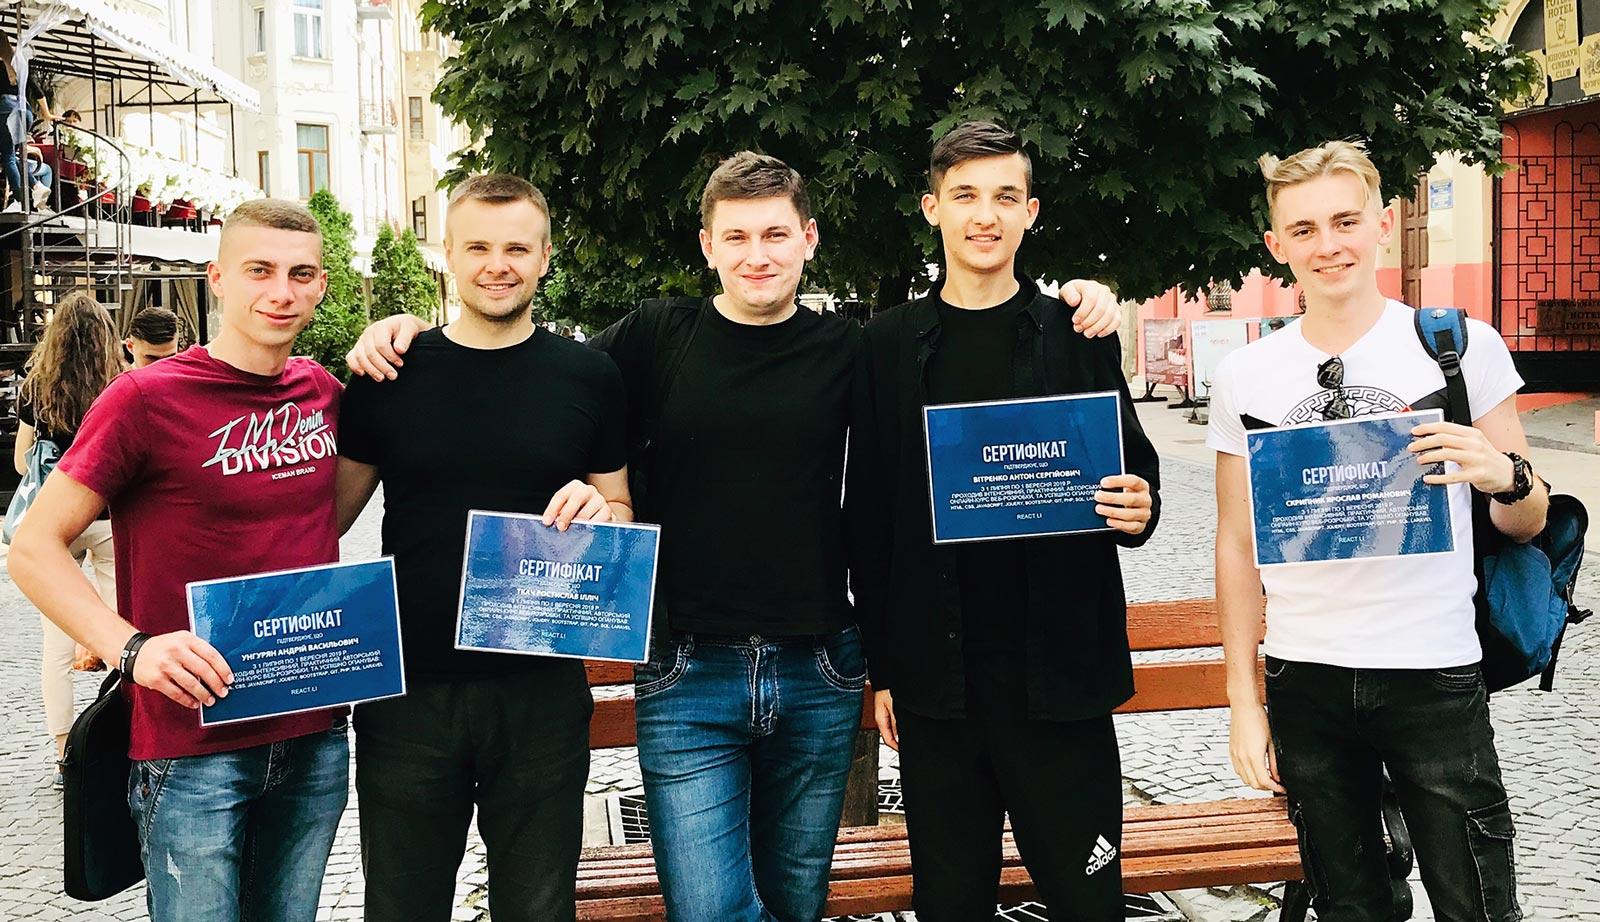 16-річний програміст із Черкащини розповів, як влаштувався на високооплачувану роботу